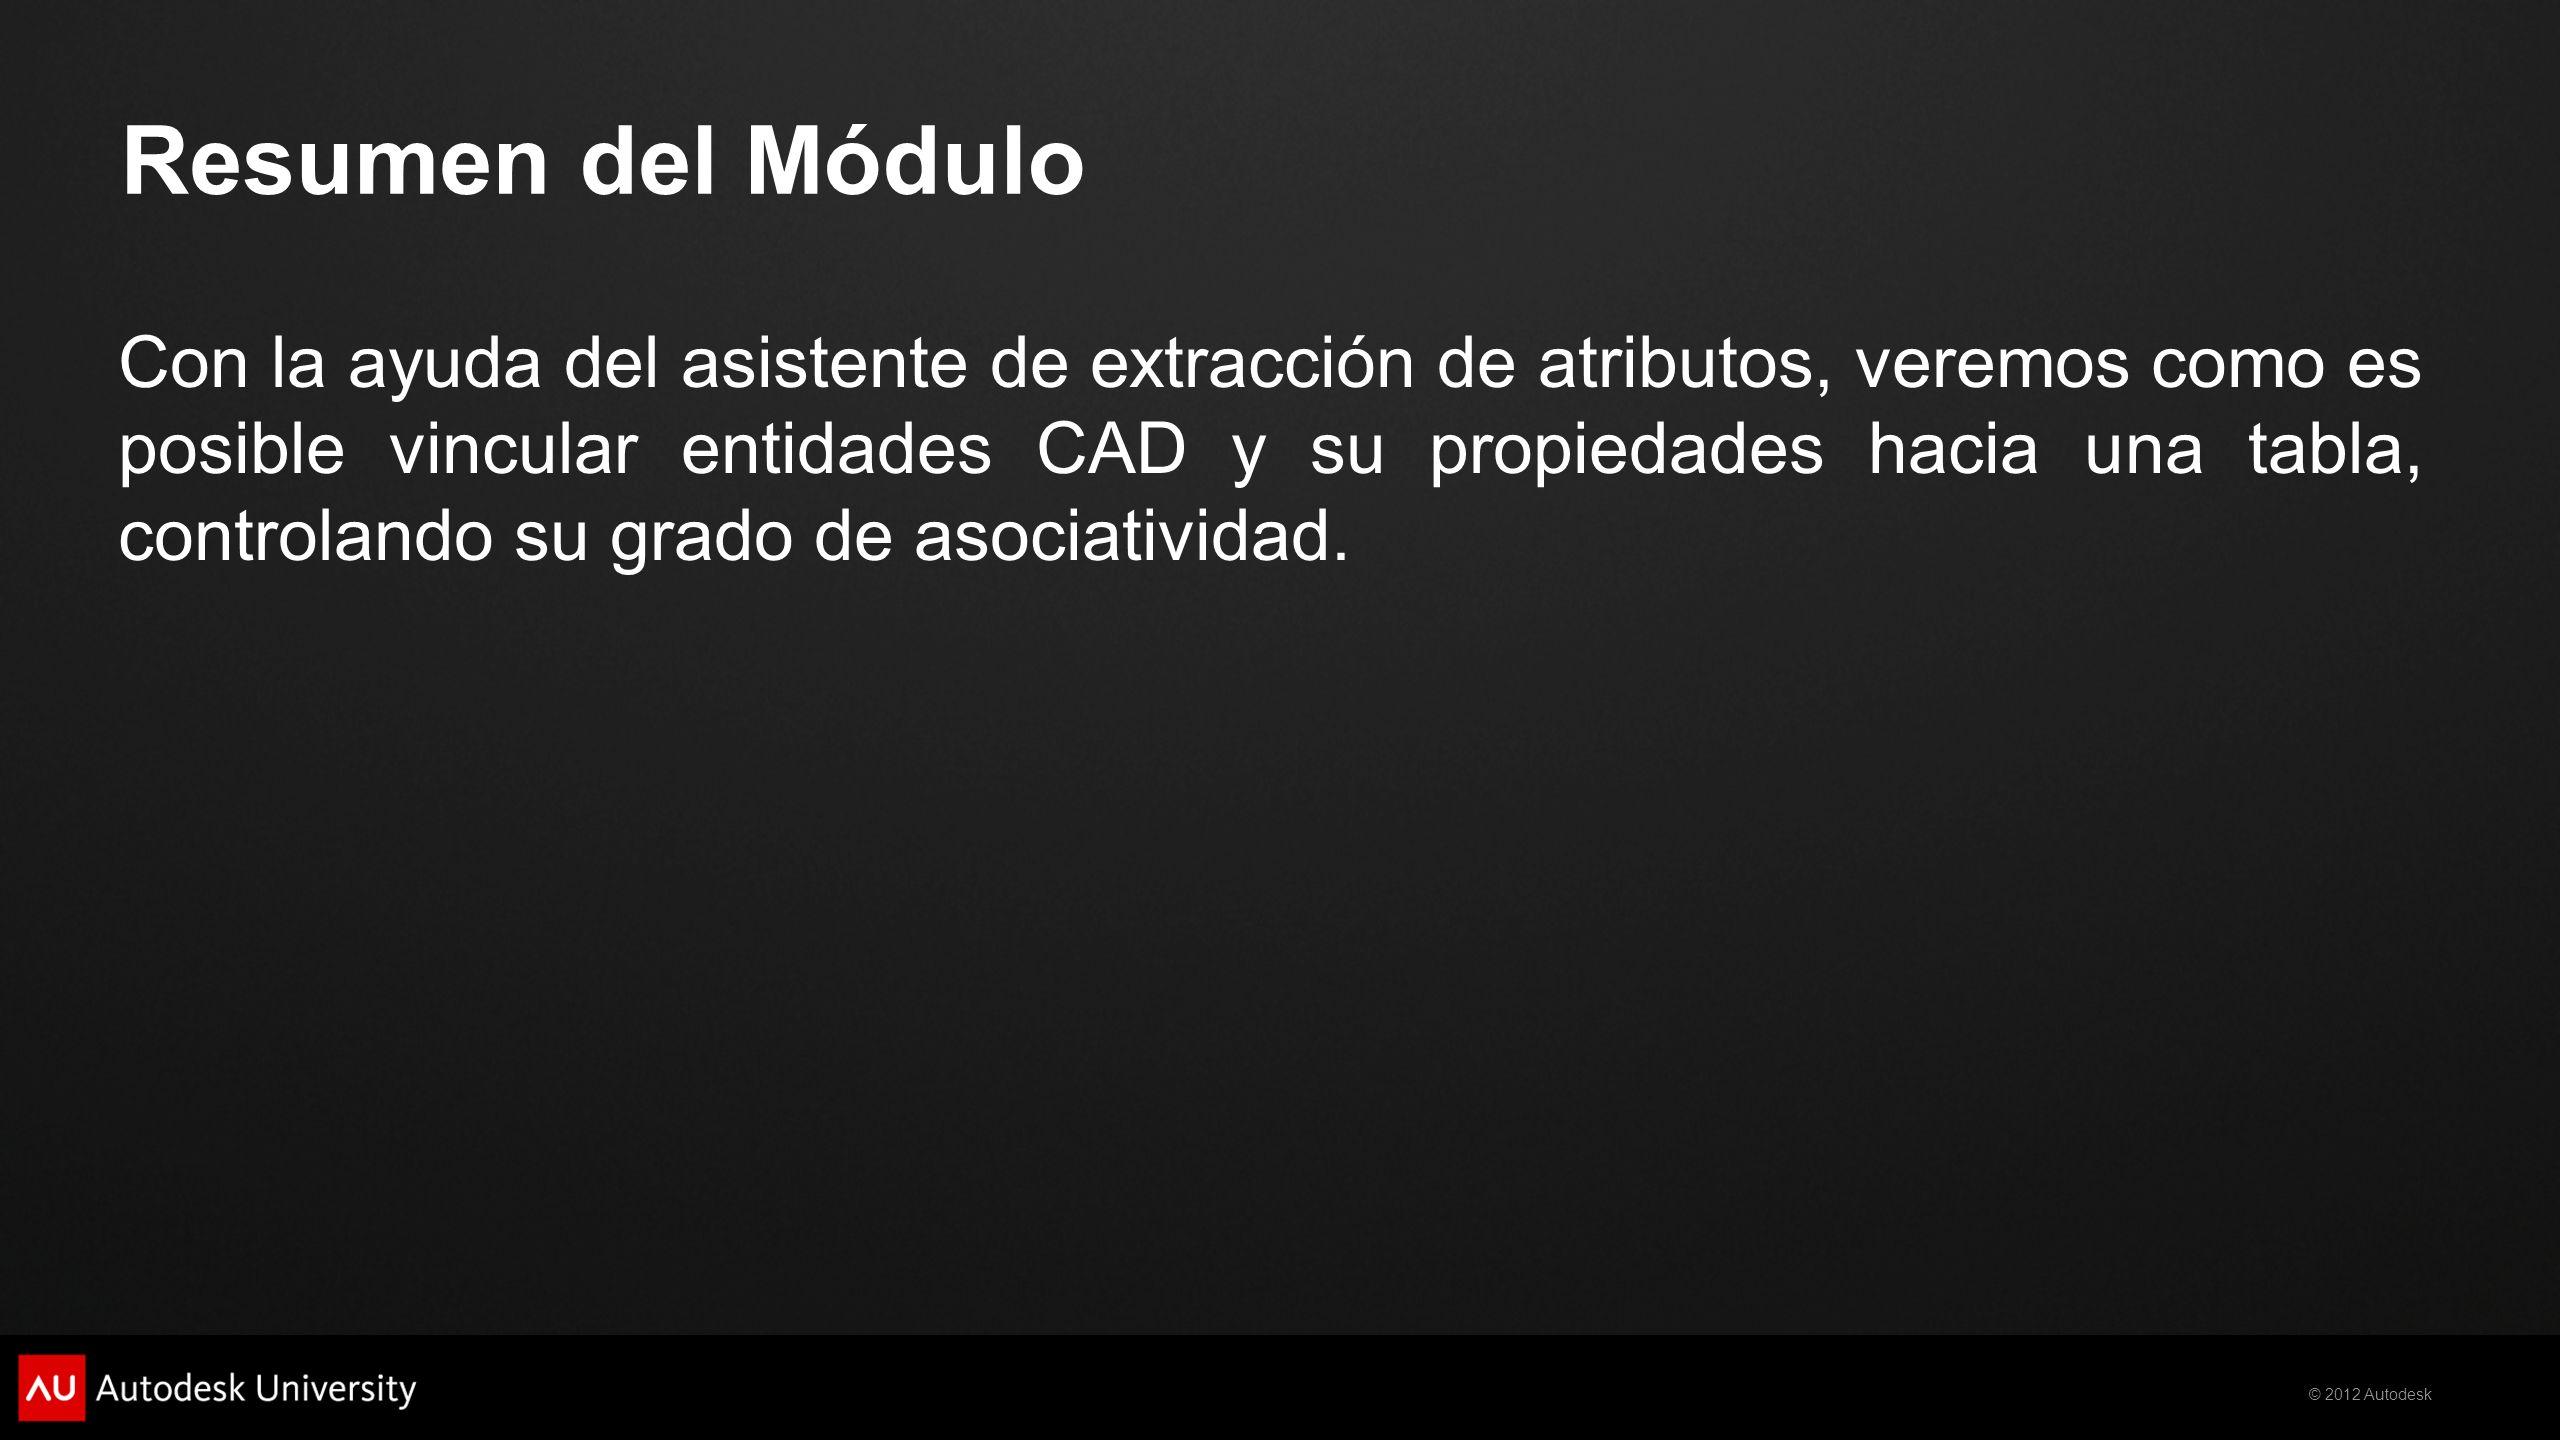 © 2012 Autodesk Resumen del Módulo Con la ayuda del asistente de extracción de atributos, veremos como es posible vincular entidades CAD y su propieda